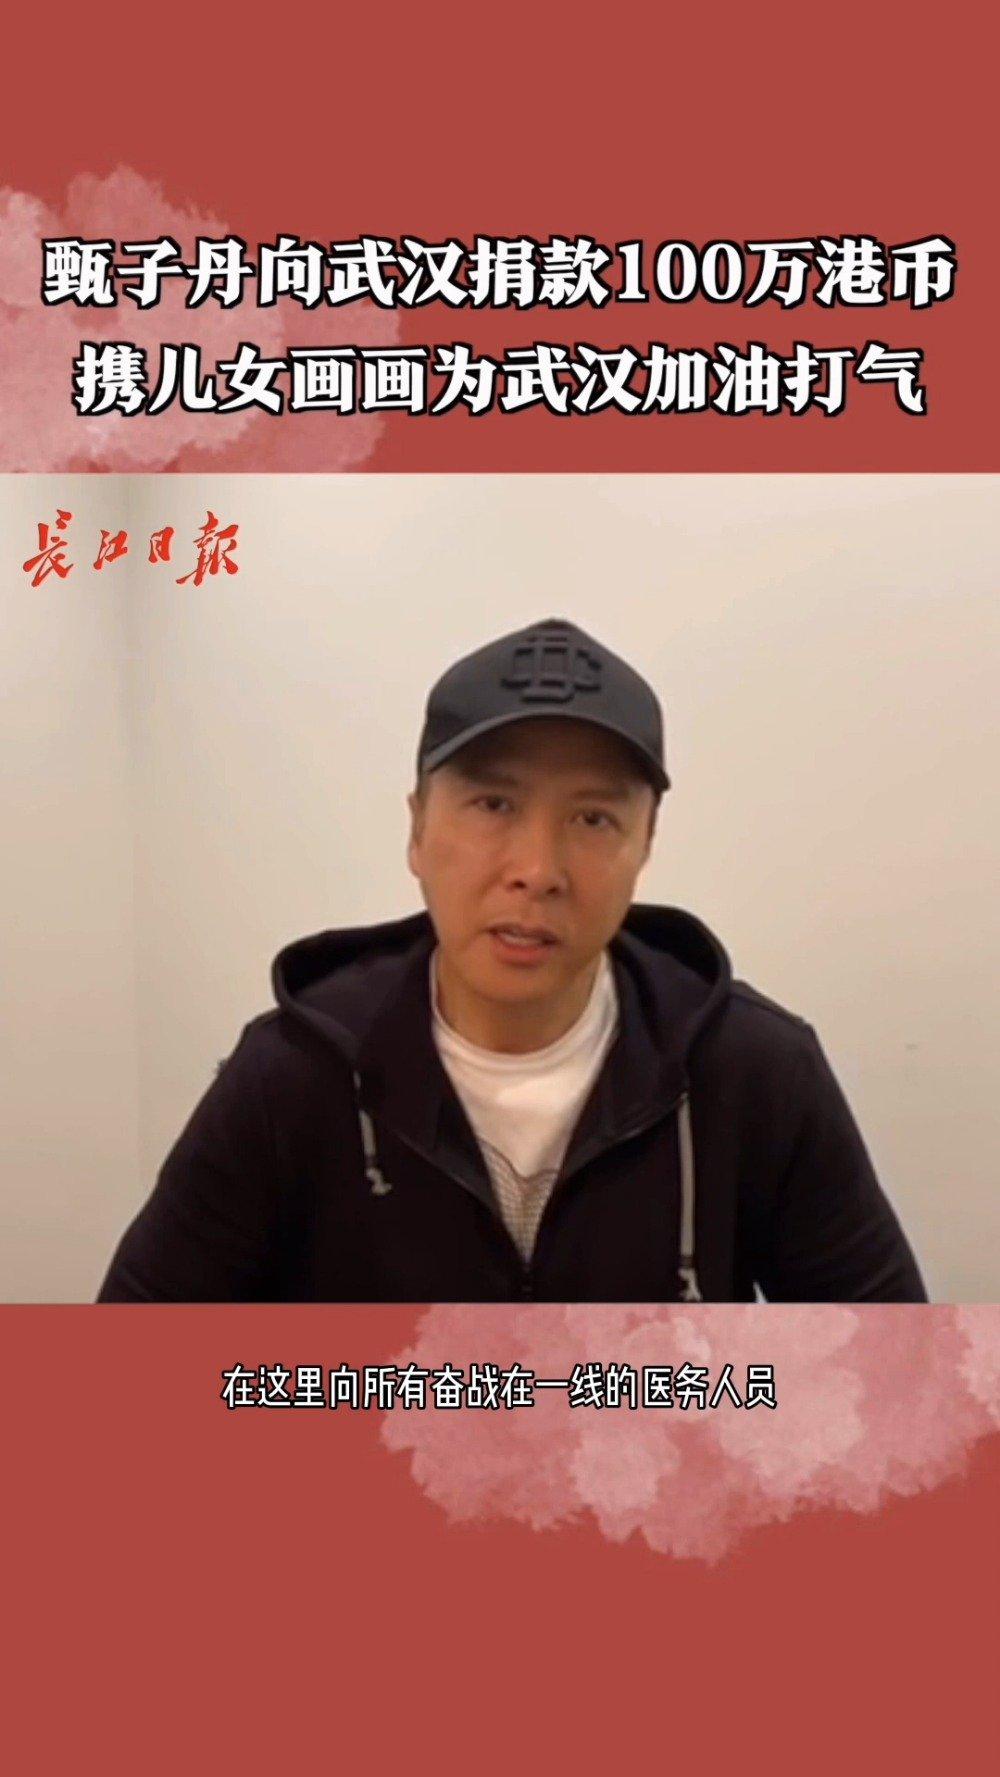 甄子丹向武汉捐款100万港币,携儿女画画为武汉加油打气